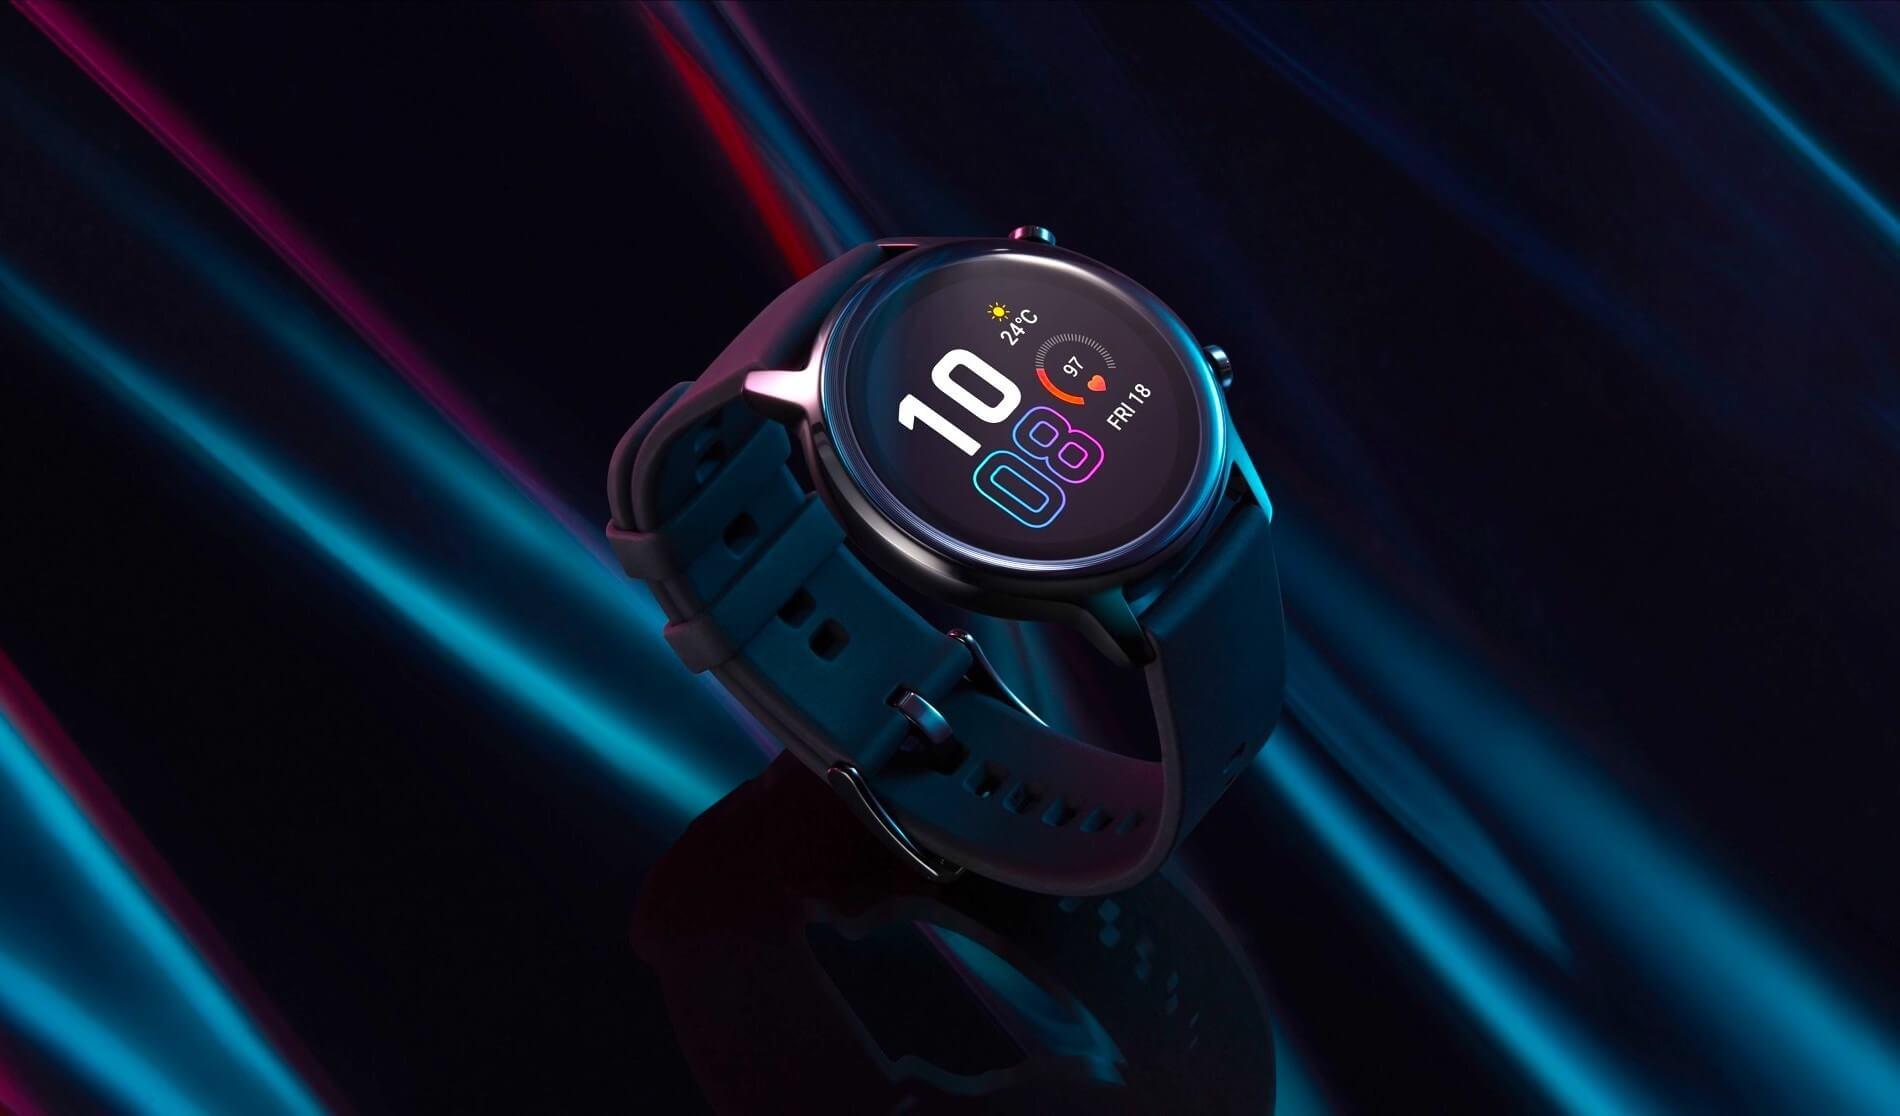 Đồng hồ thông minh Honor MagicWatch 2 đại diện ở Nga 3